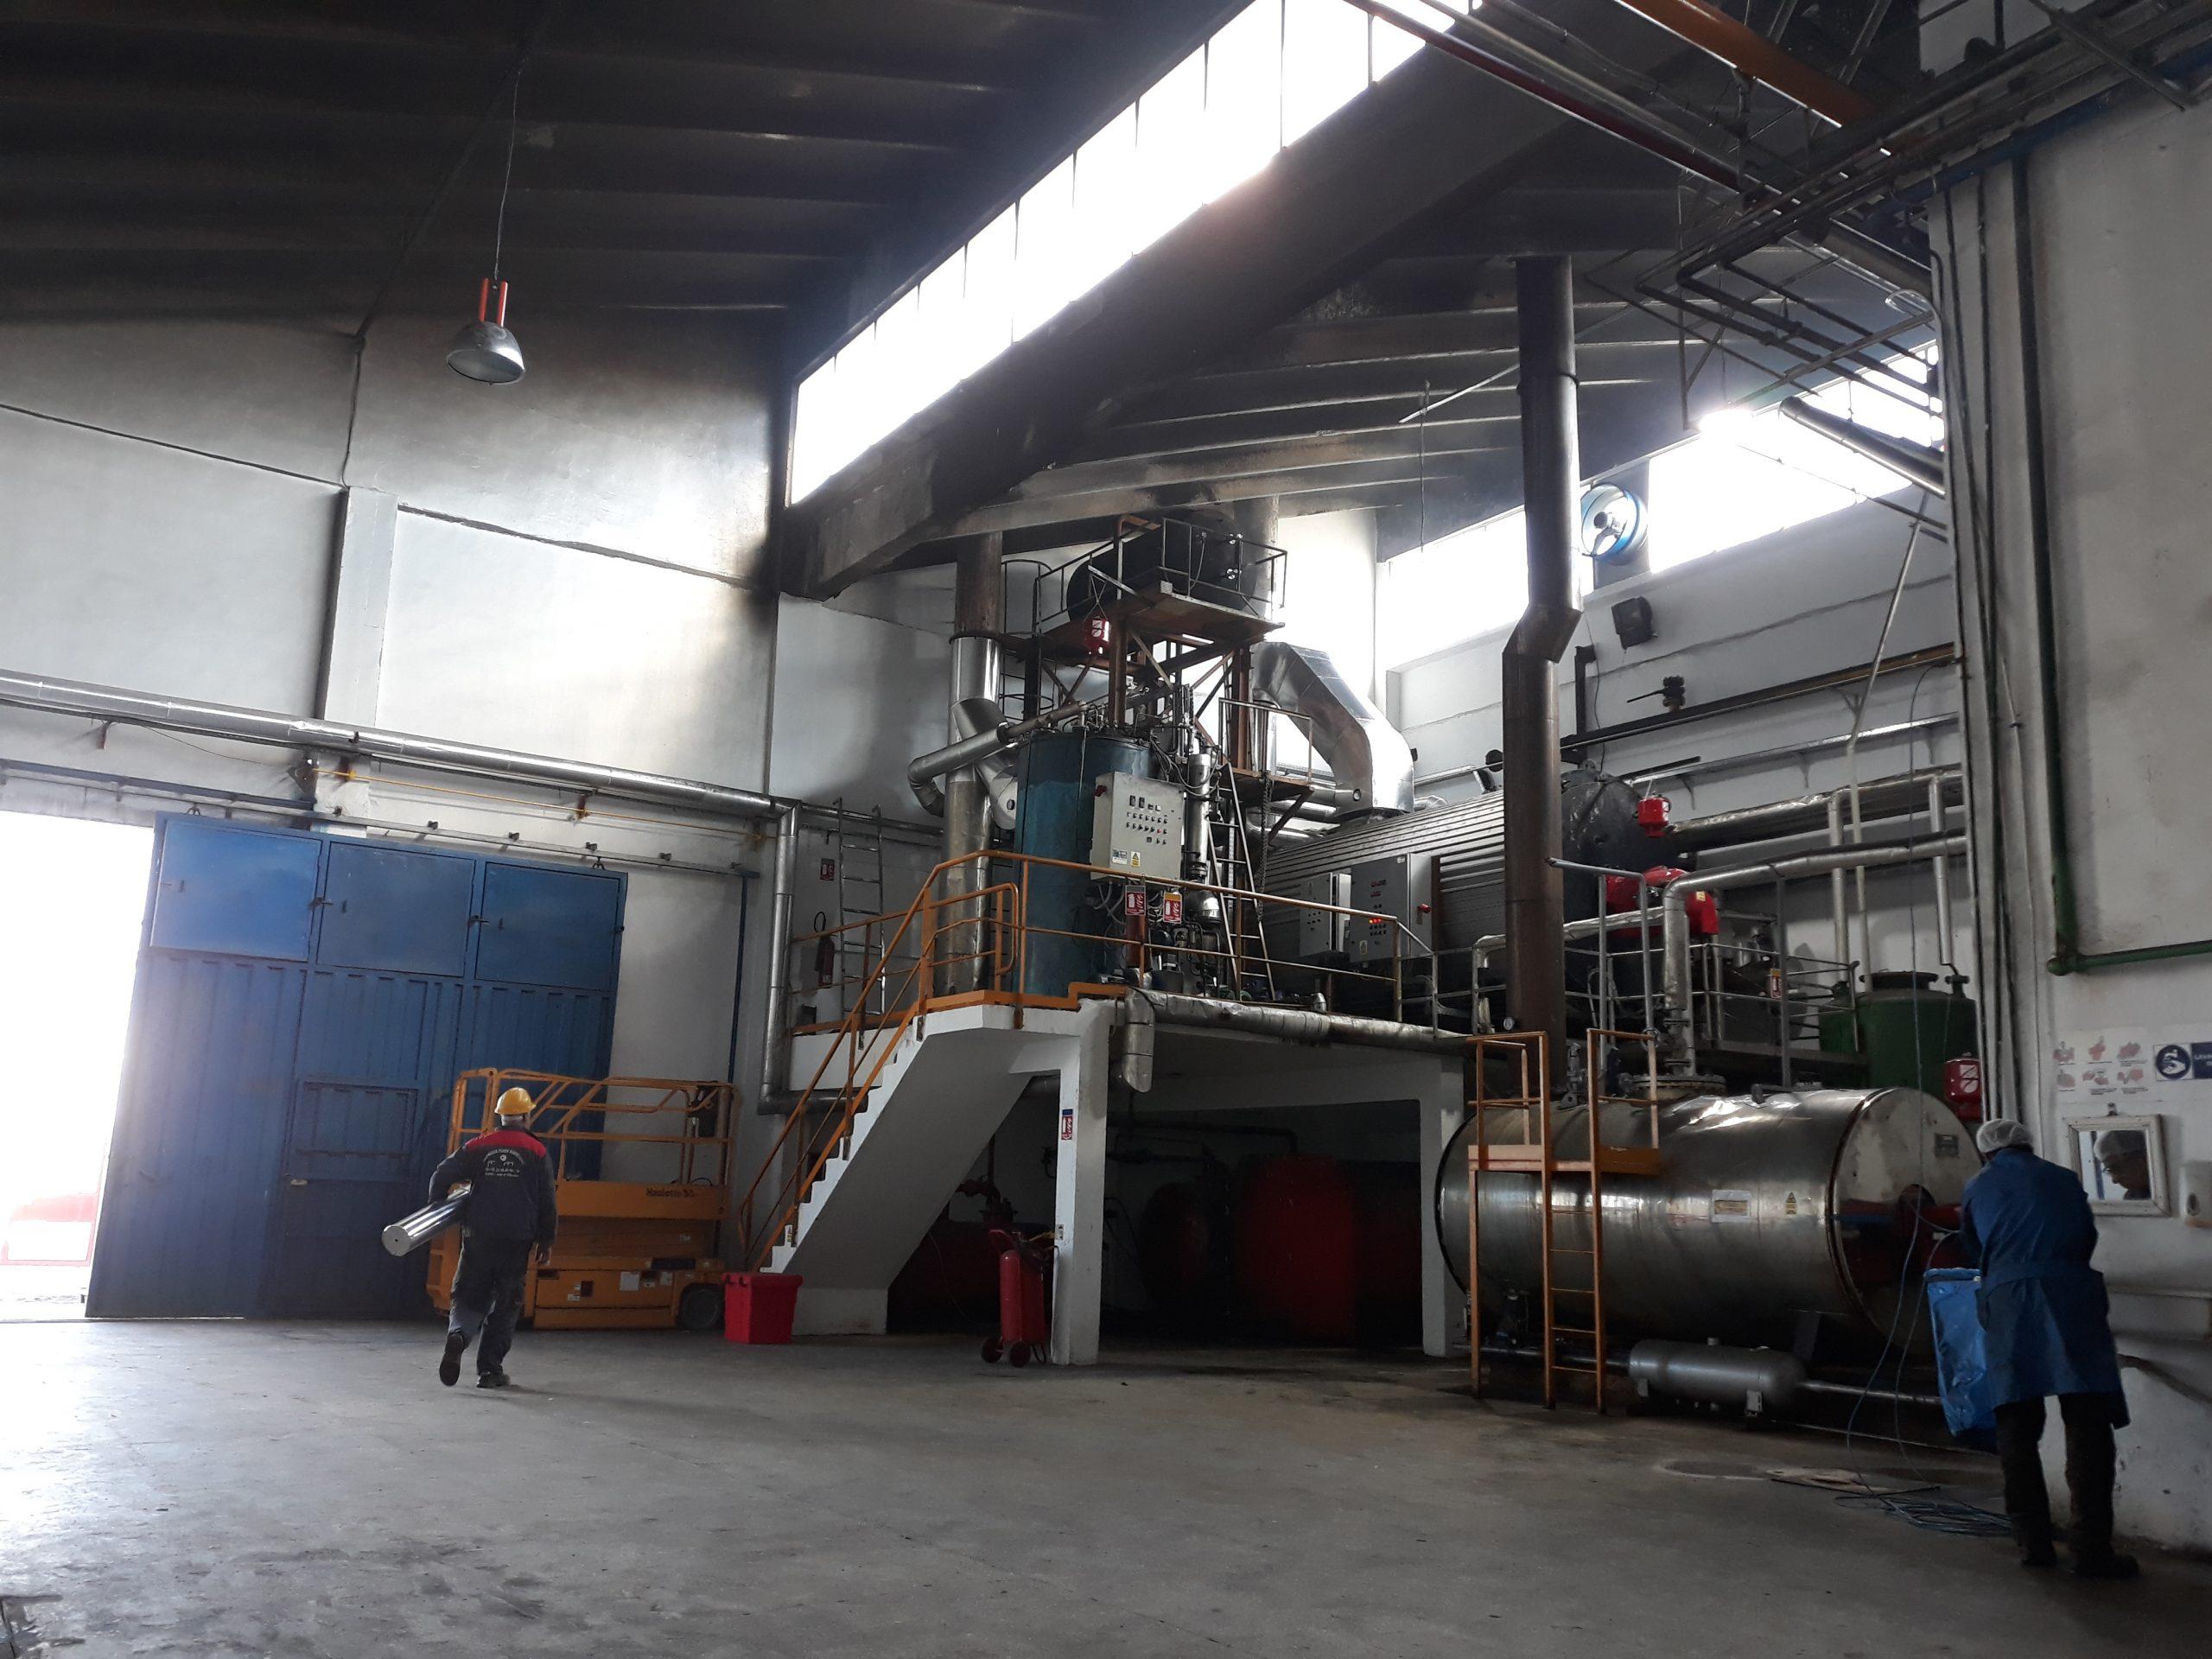 chaudière fluide thermique dans usine agroalimentaire